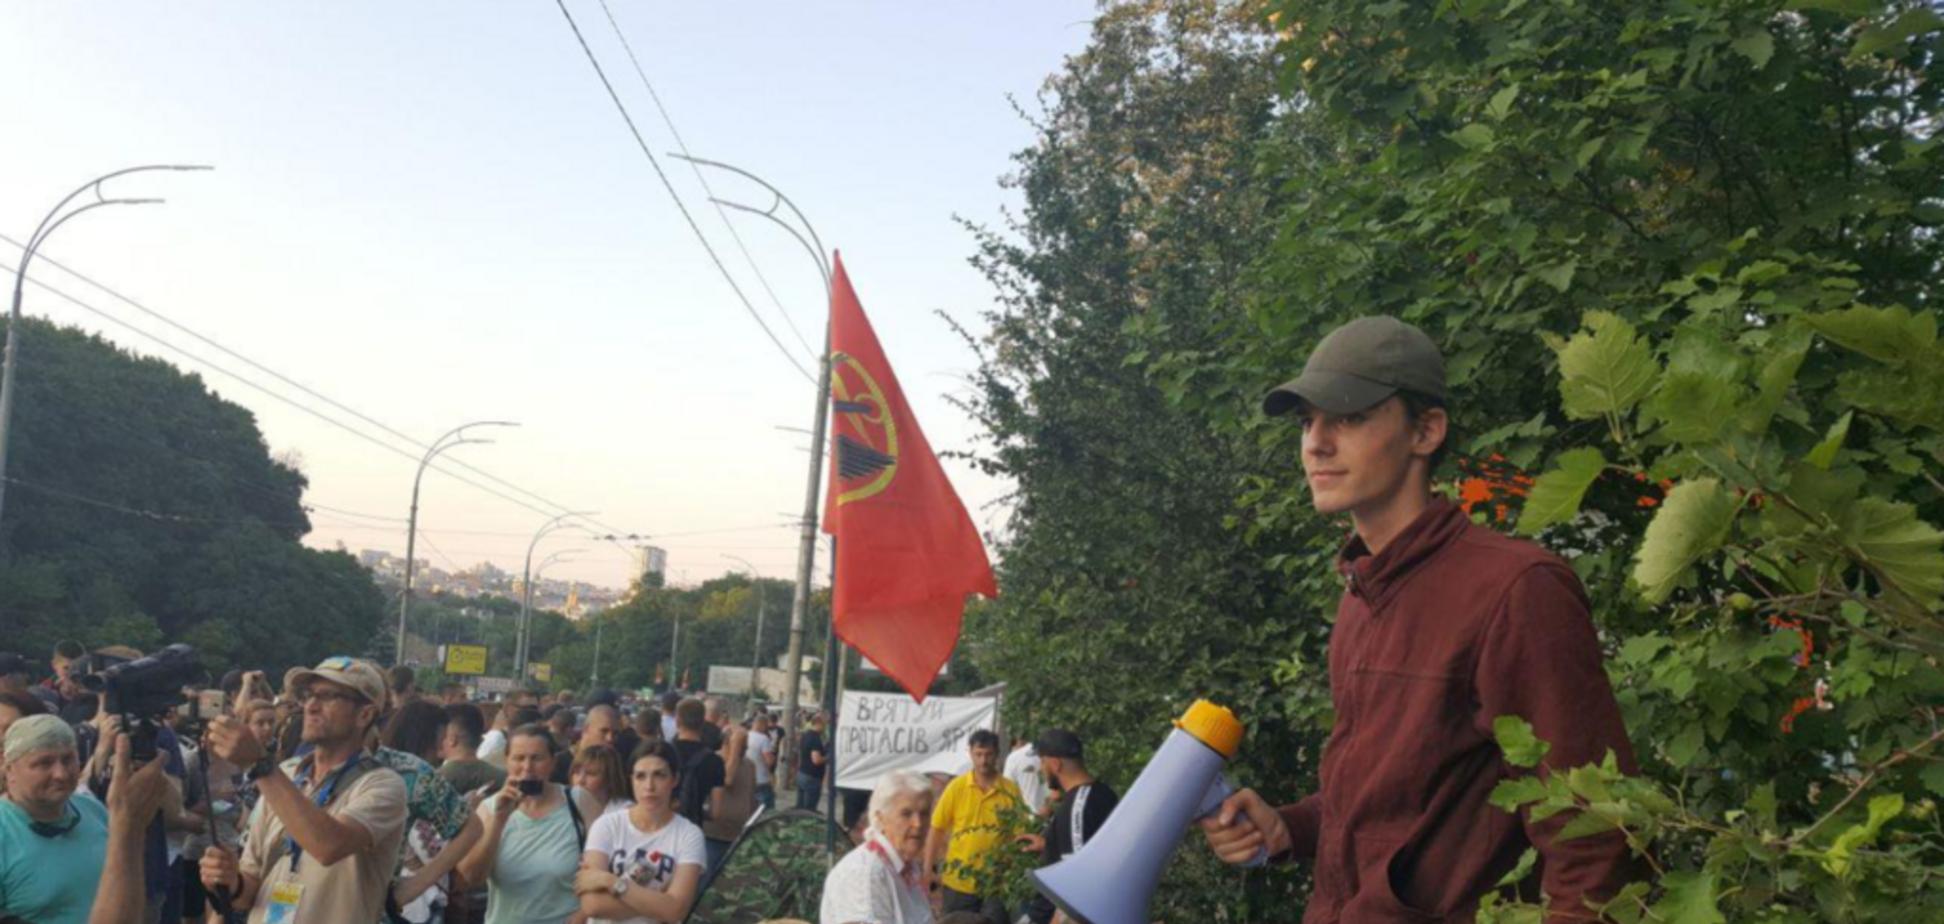 'Когда нет аргументов – включается сила': застройщик прокомментировал ситуацию на Протасовом Яру